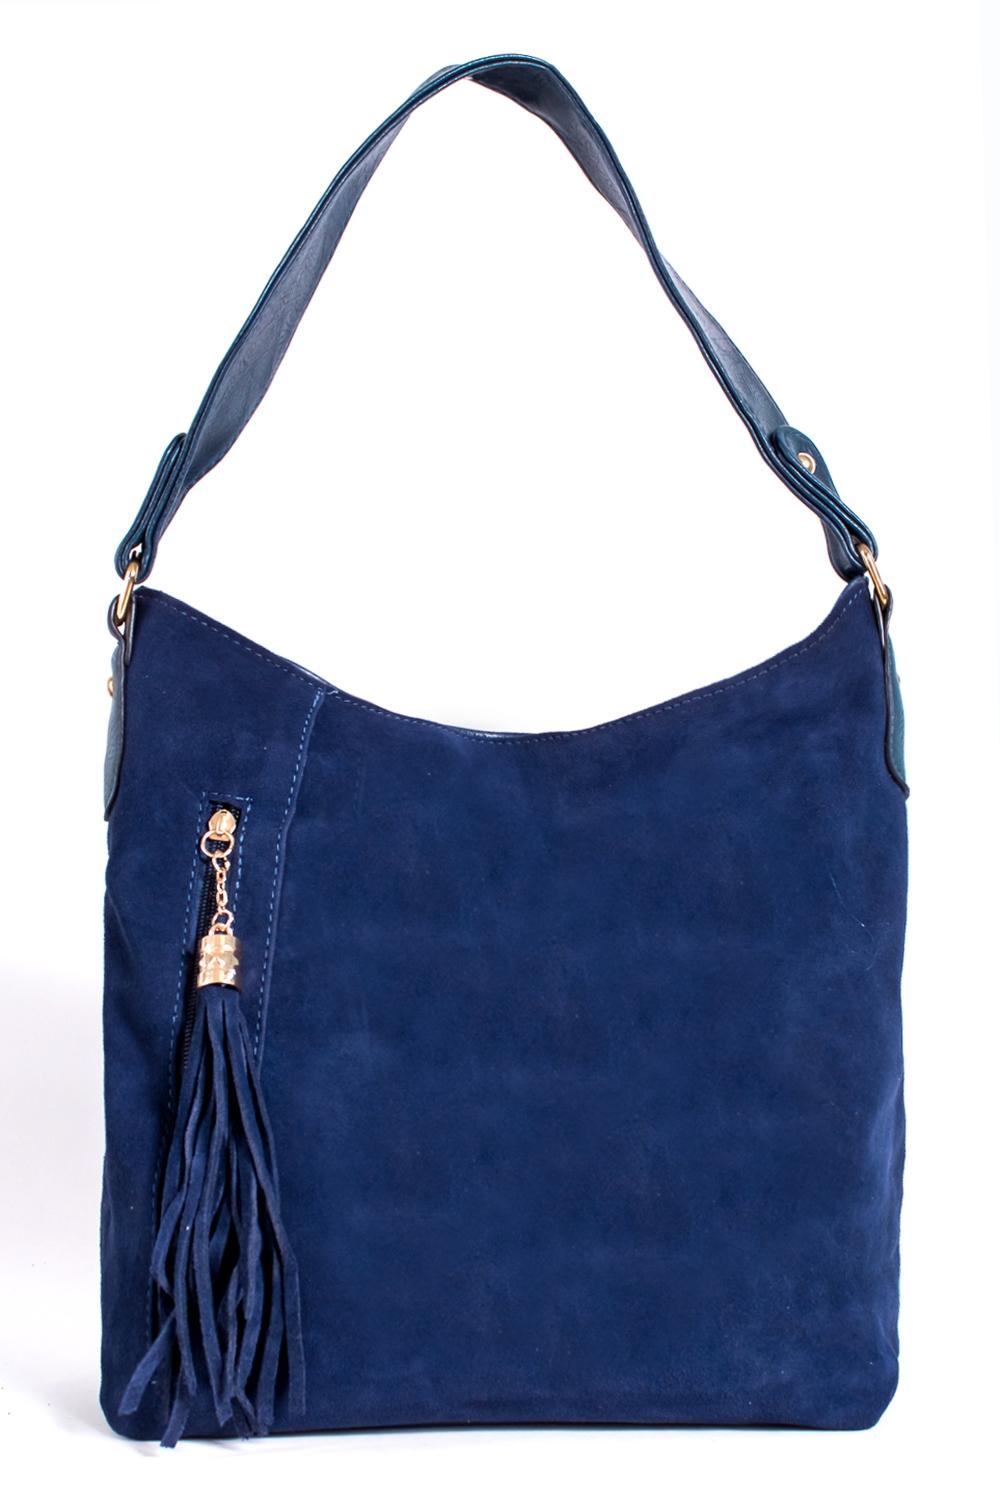 СумкаКлассические<br>Женская сумка из искусственной кожи и замши.  Цвет: синий  Размер: 37*30*12 см.<br><br>По материалу: Замша,Искусственная кожа<br>По размеру: Крупные<br>По рисунку: Однотонные<br>По силуэту стенок: Прямоугольные<br>По способу ношения: В руках,На запастье,На плечо<br>По элементам: Карман на молнии,Карман под телефон,С кисточками<br>Ручки: Короткие<br>Размер : UNI<br>Материал: Искусственная кожа + Искусственная замша<br>Количество в наличии: 5